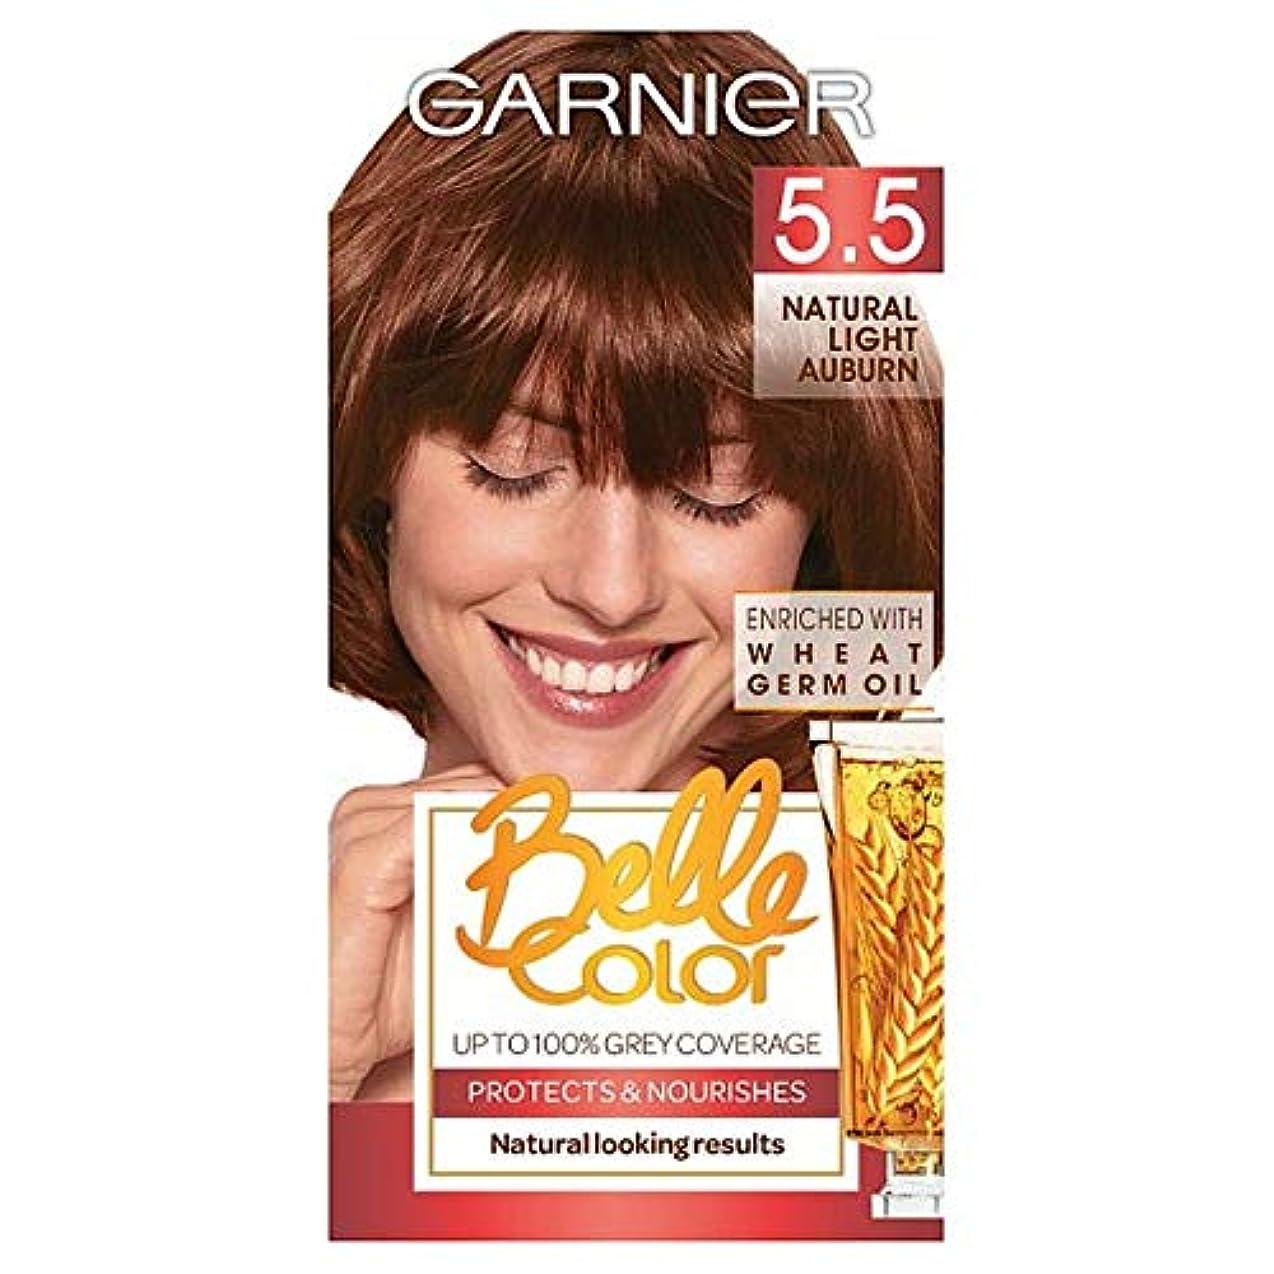 小切手管理弾性[Belle Color] ガーン/ベル/Clr 5.5自然光赤褐色パーマネントヘアダイ - Garn/Bel/Clr 5.5 Natural Light Auburn Permanent Hair Dye [並行輸入品]